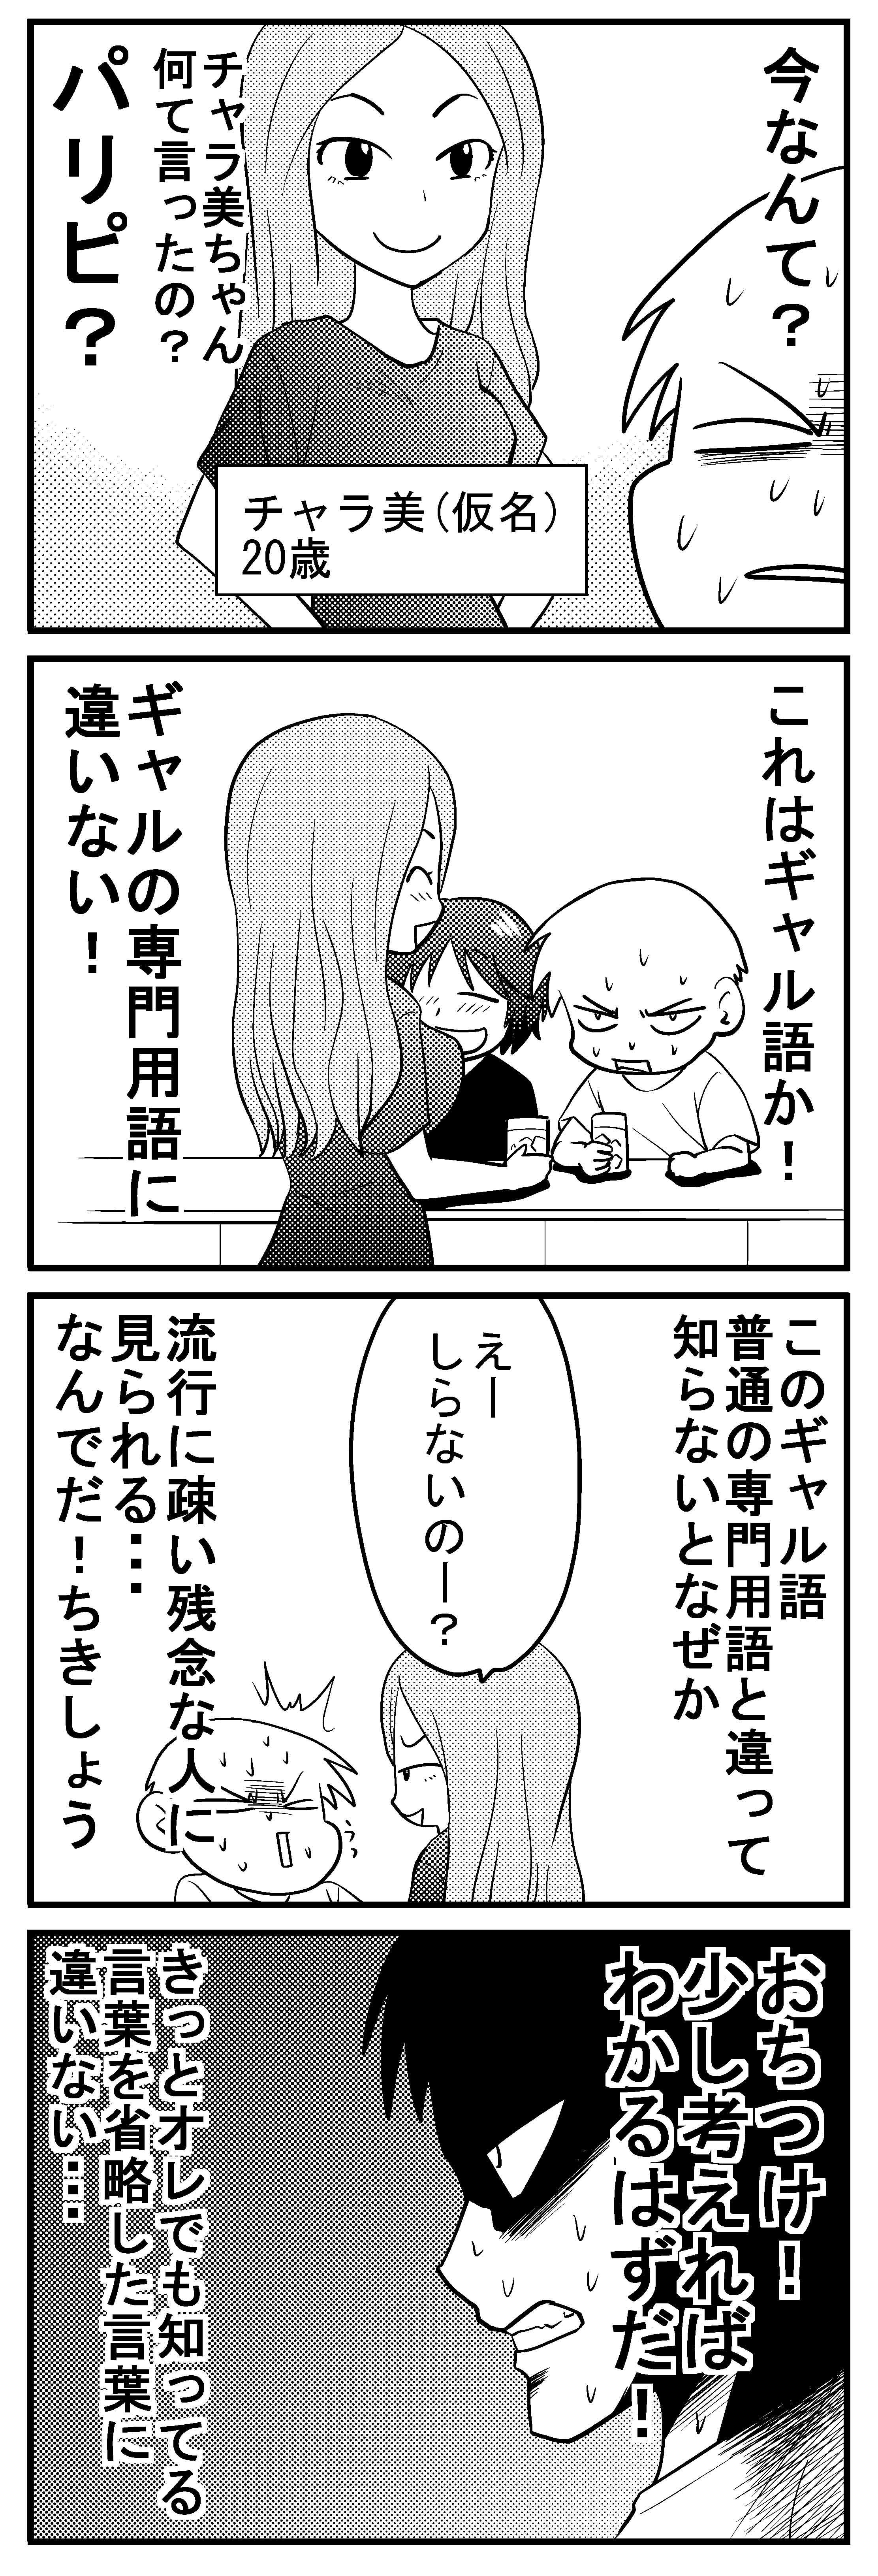 深読みくん21 1-2